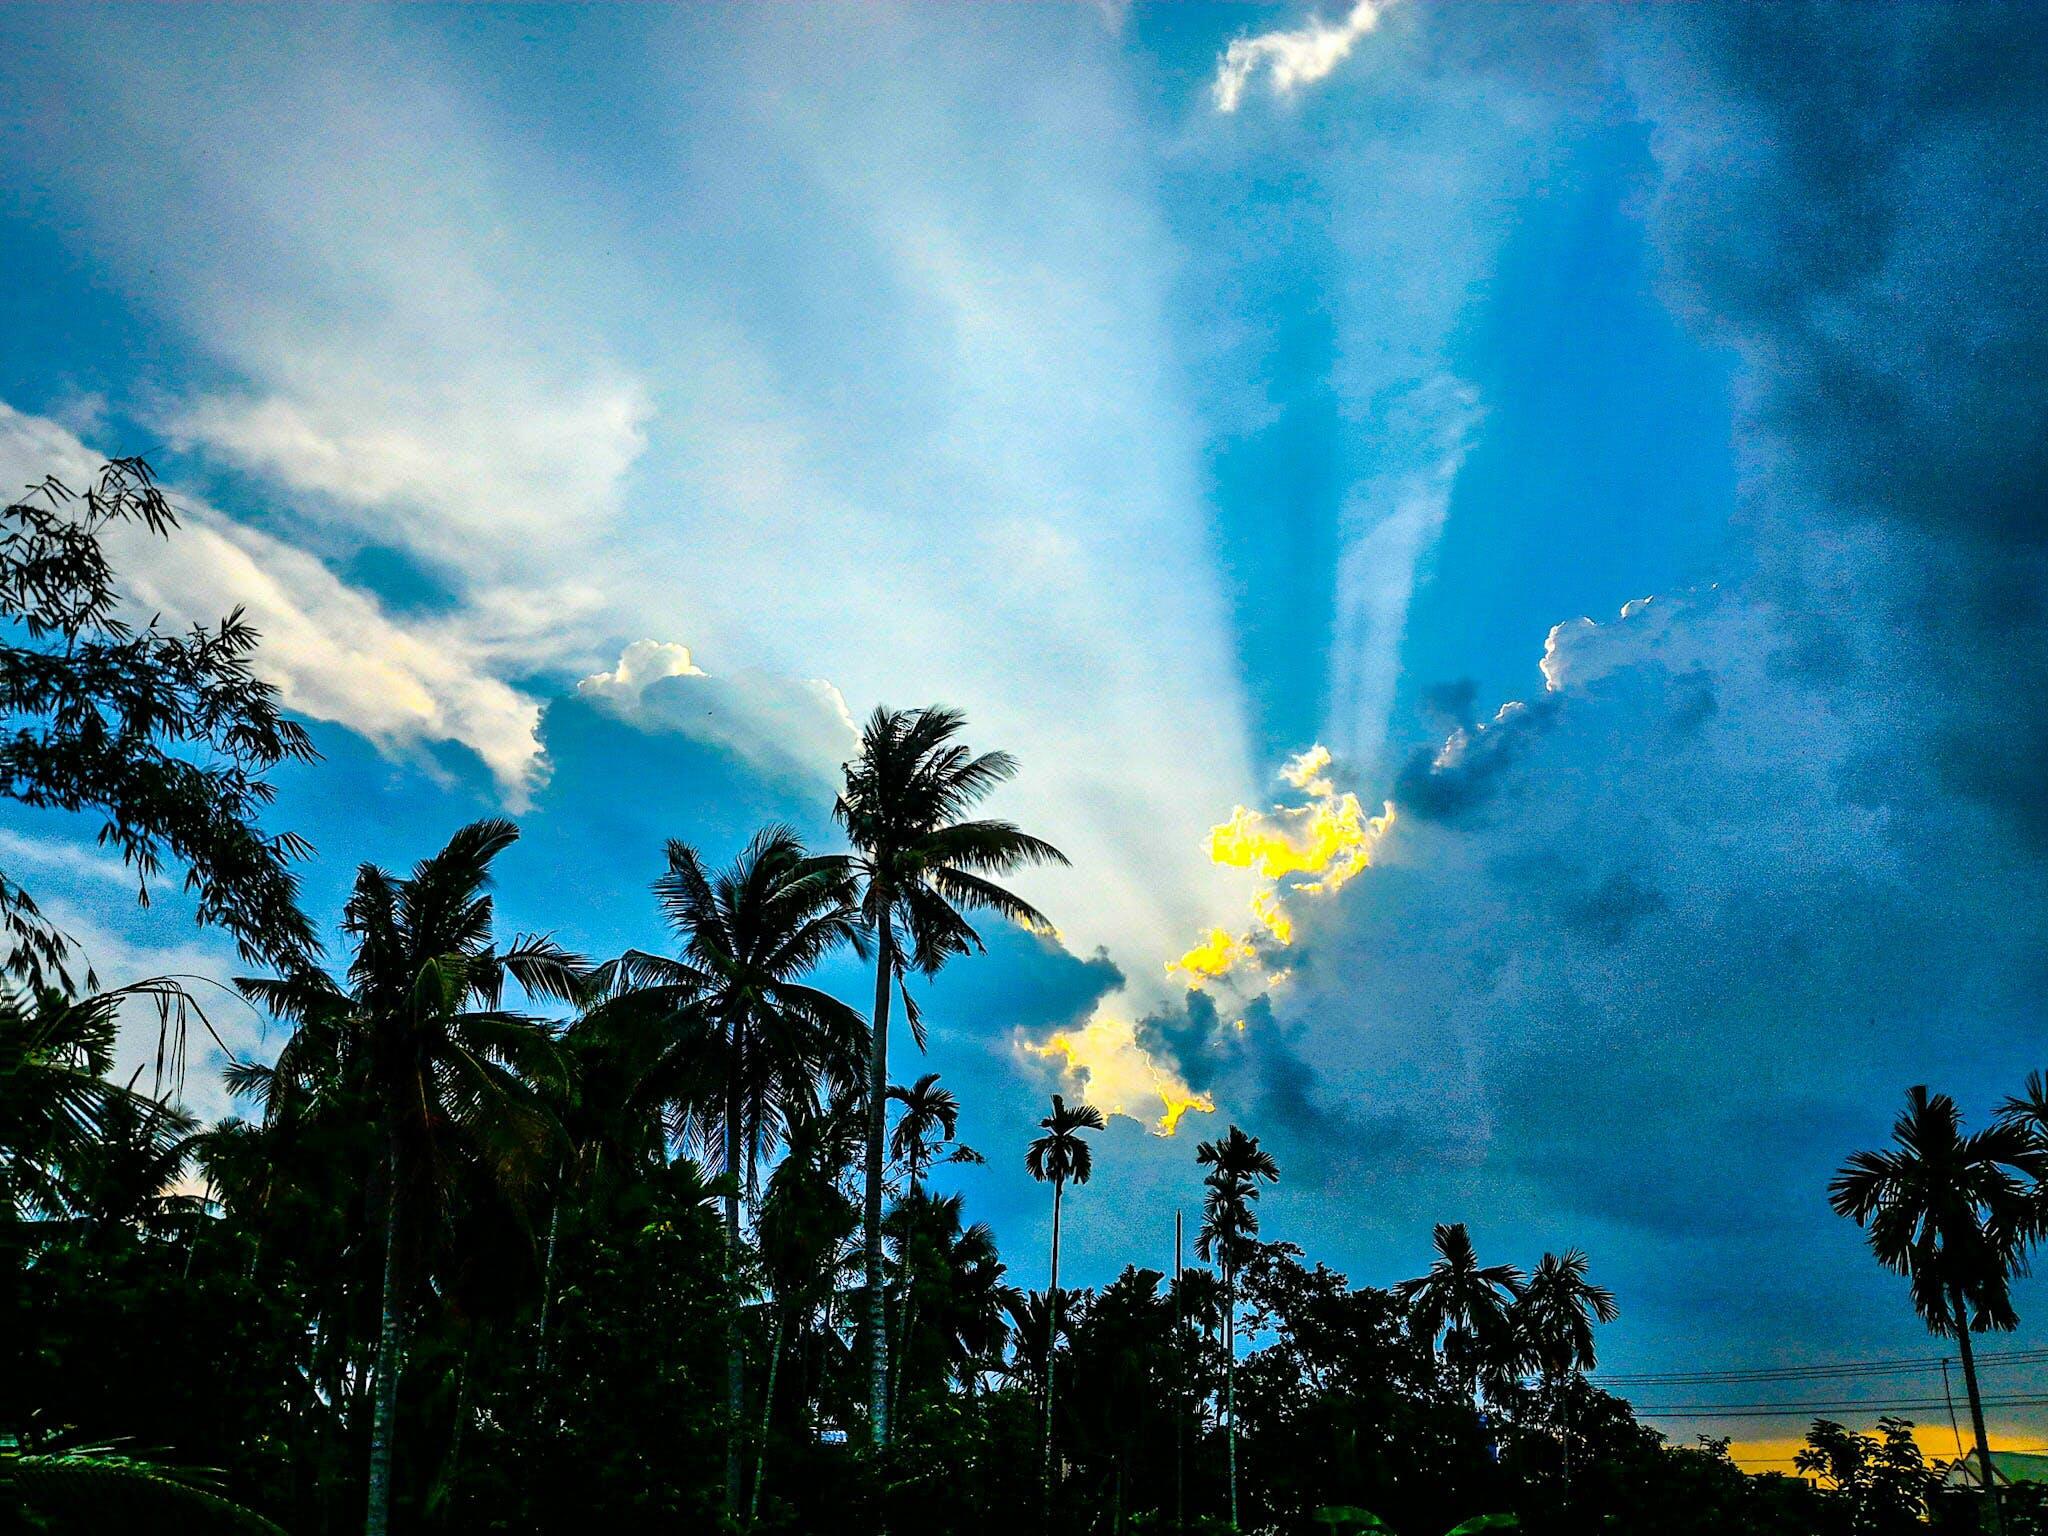 ココナッツの木, トロピカル, 光, 夏の無料の写真素材